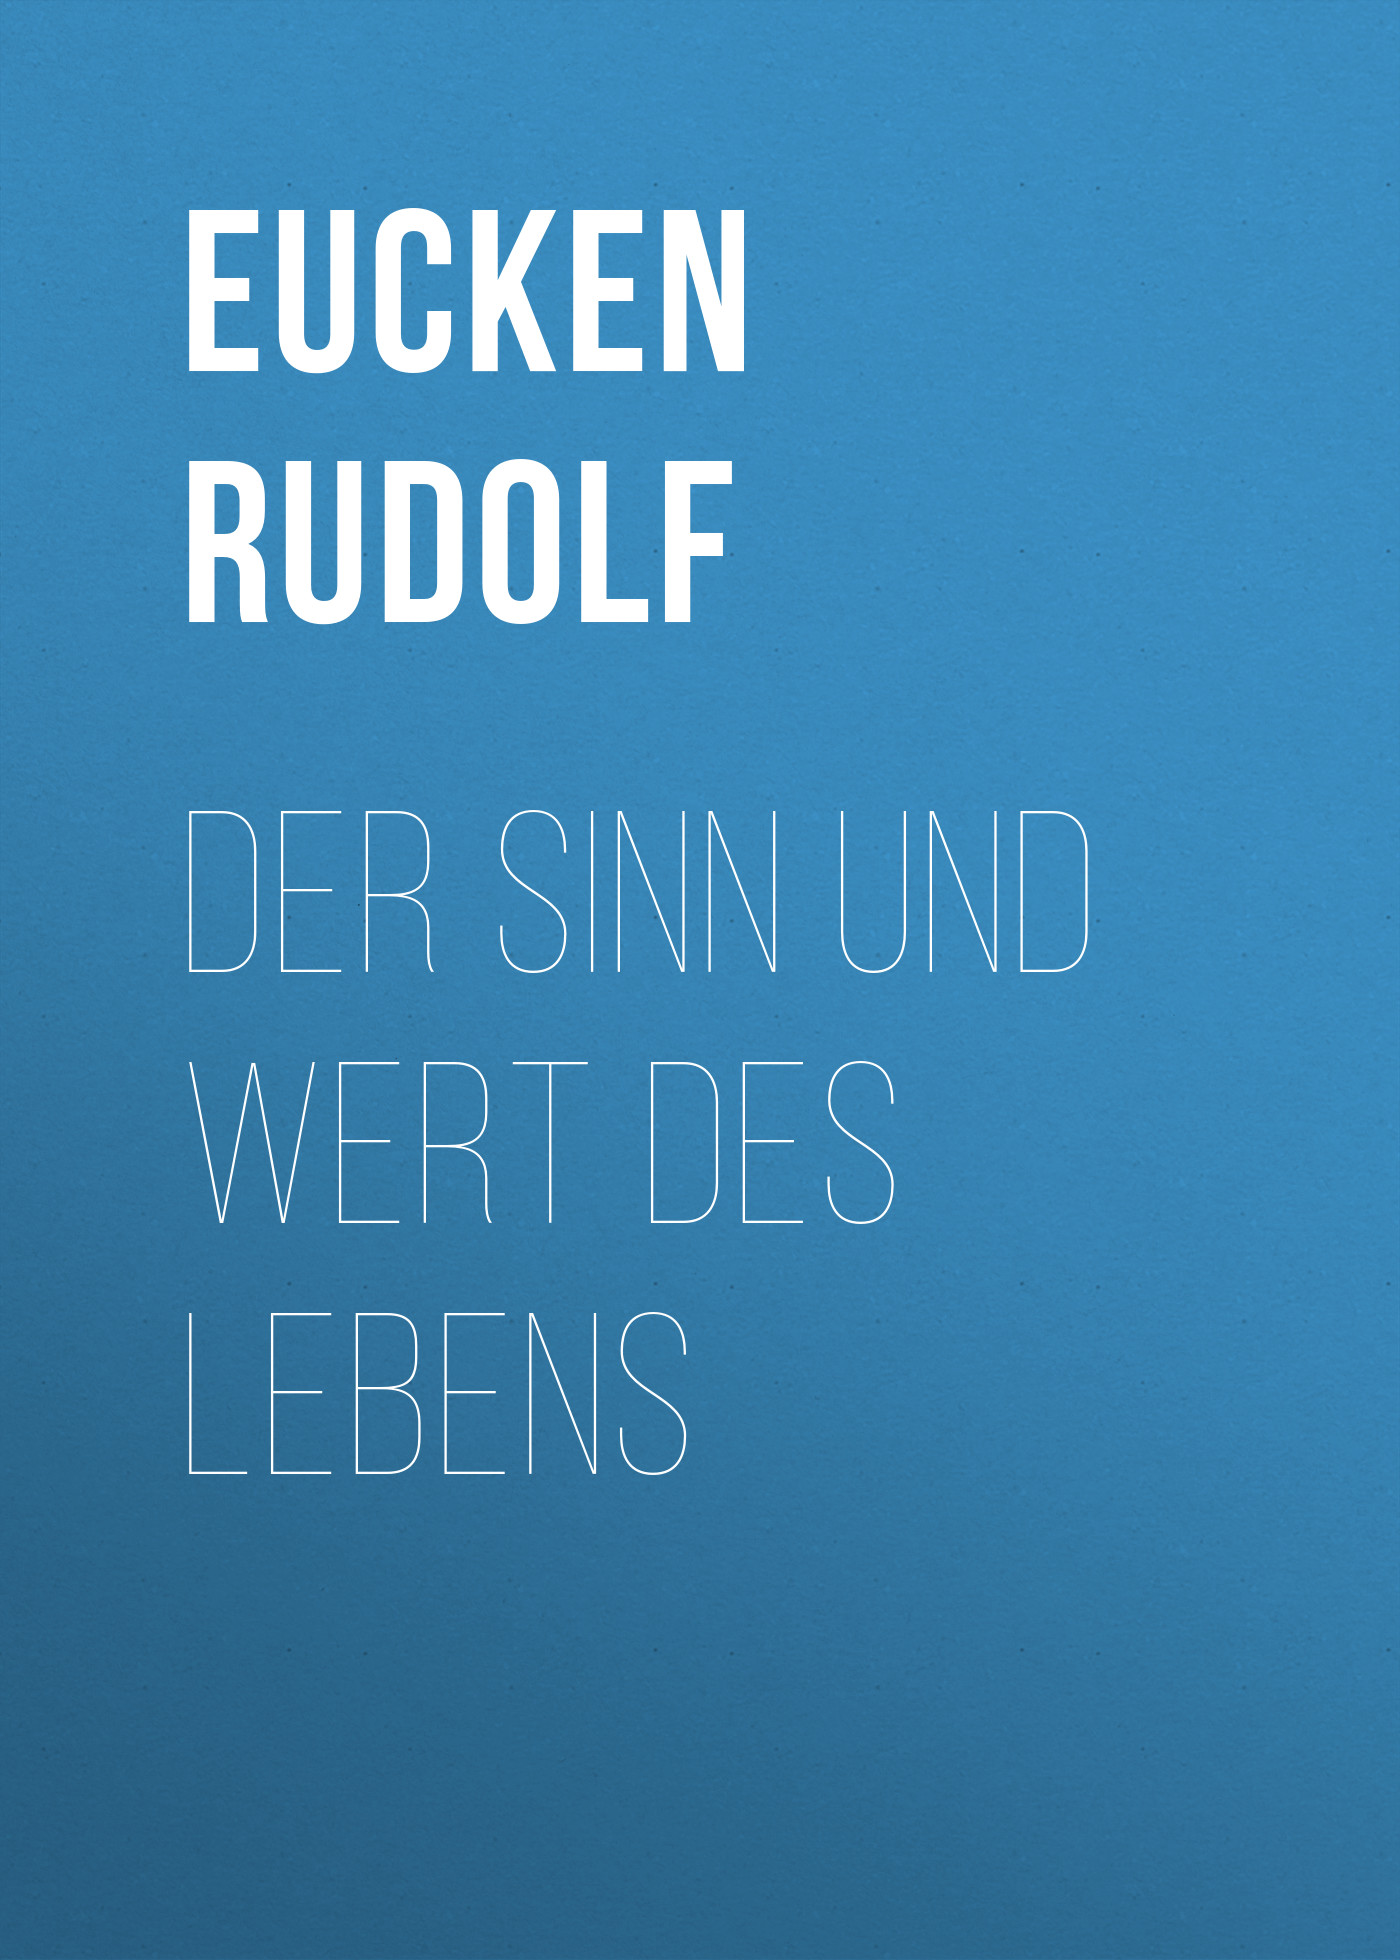 Eucken Rudolf Der Sinn und Wert des Lebens sr1761faa2 tssop new in stock